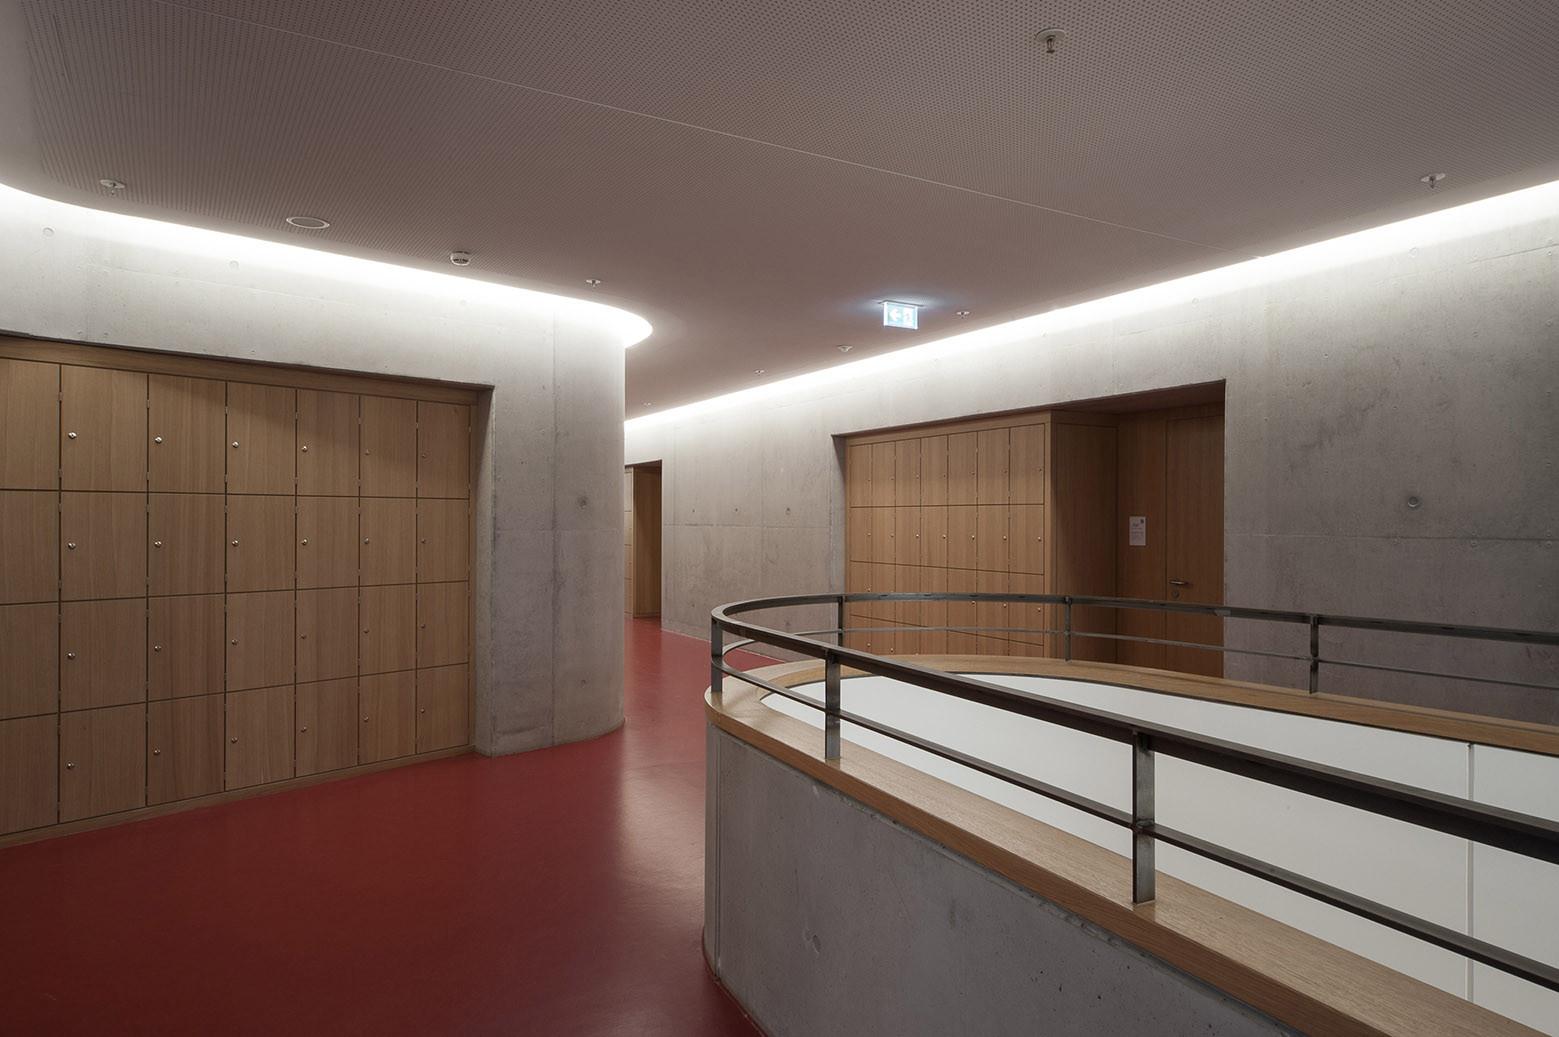 Architekten Biberach gallery of learning centre biberach lanz schwager architekten 34